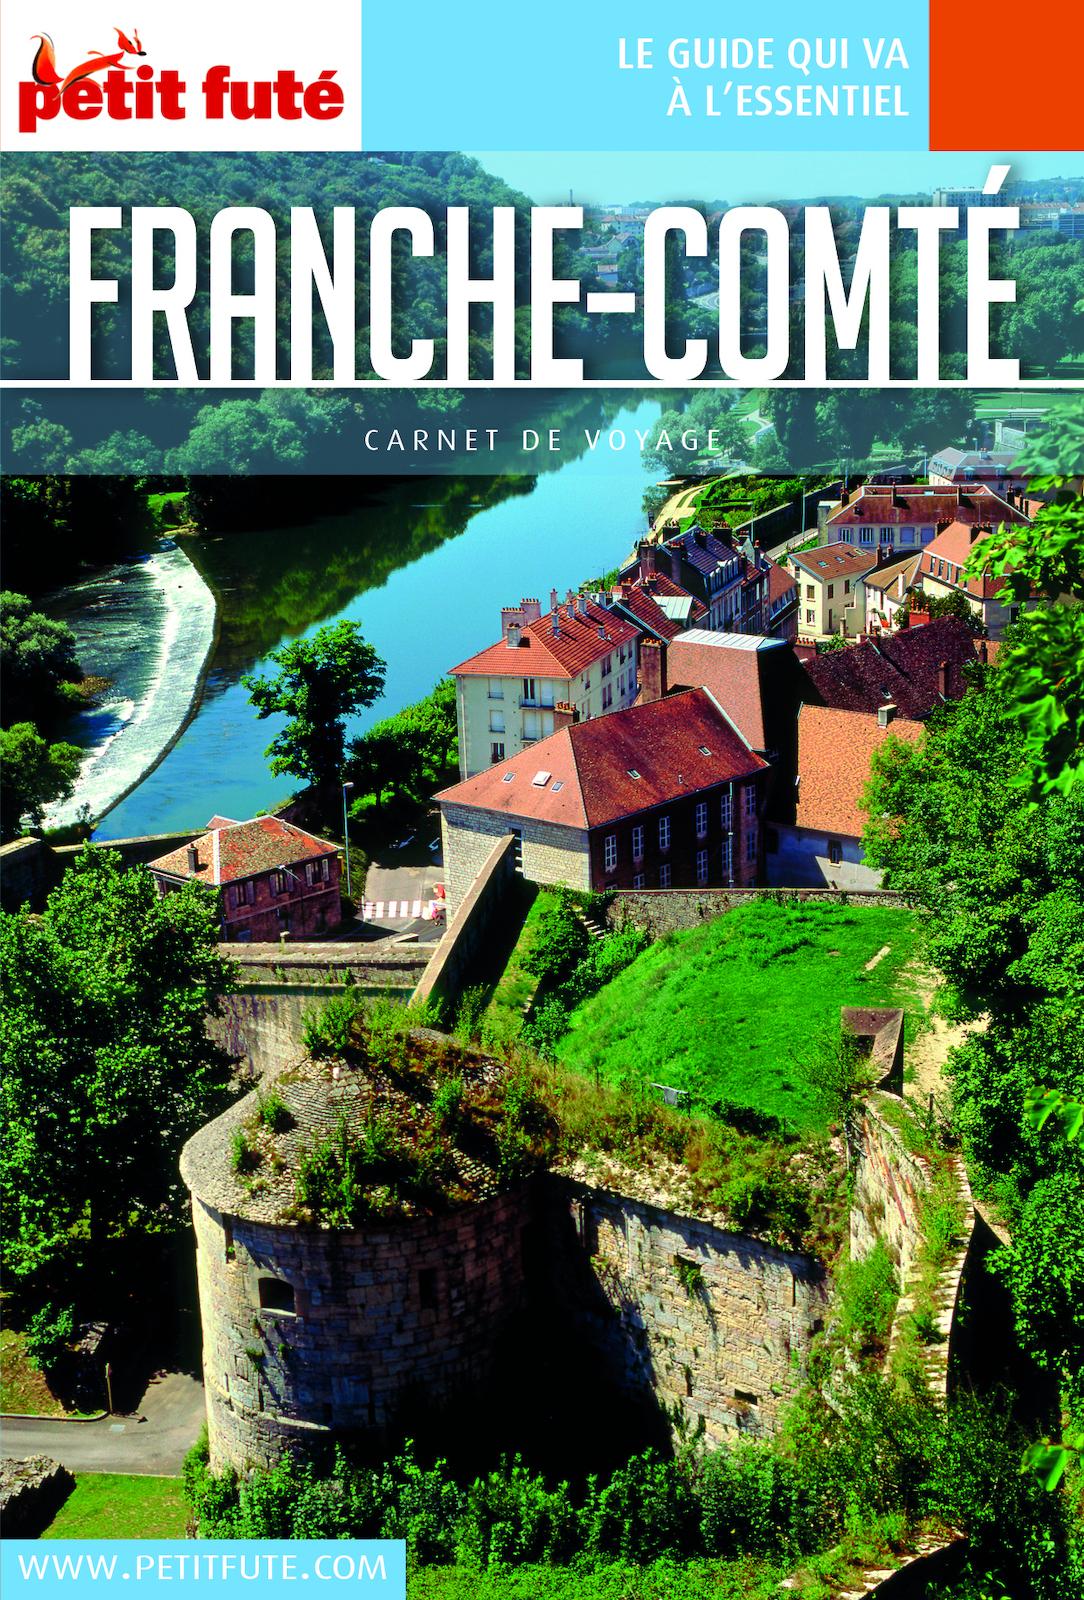 FRANCHE COMTÉ 2019/2020 Carnet Petit Futé   Auzias, Dominique